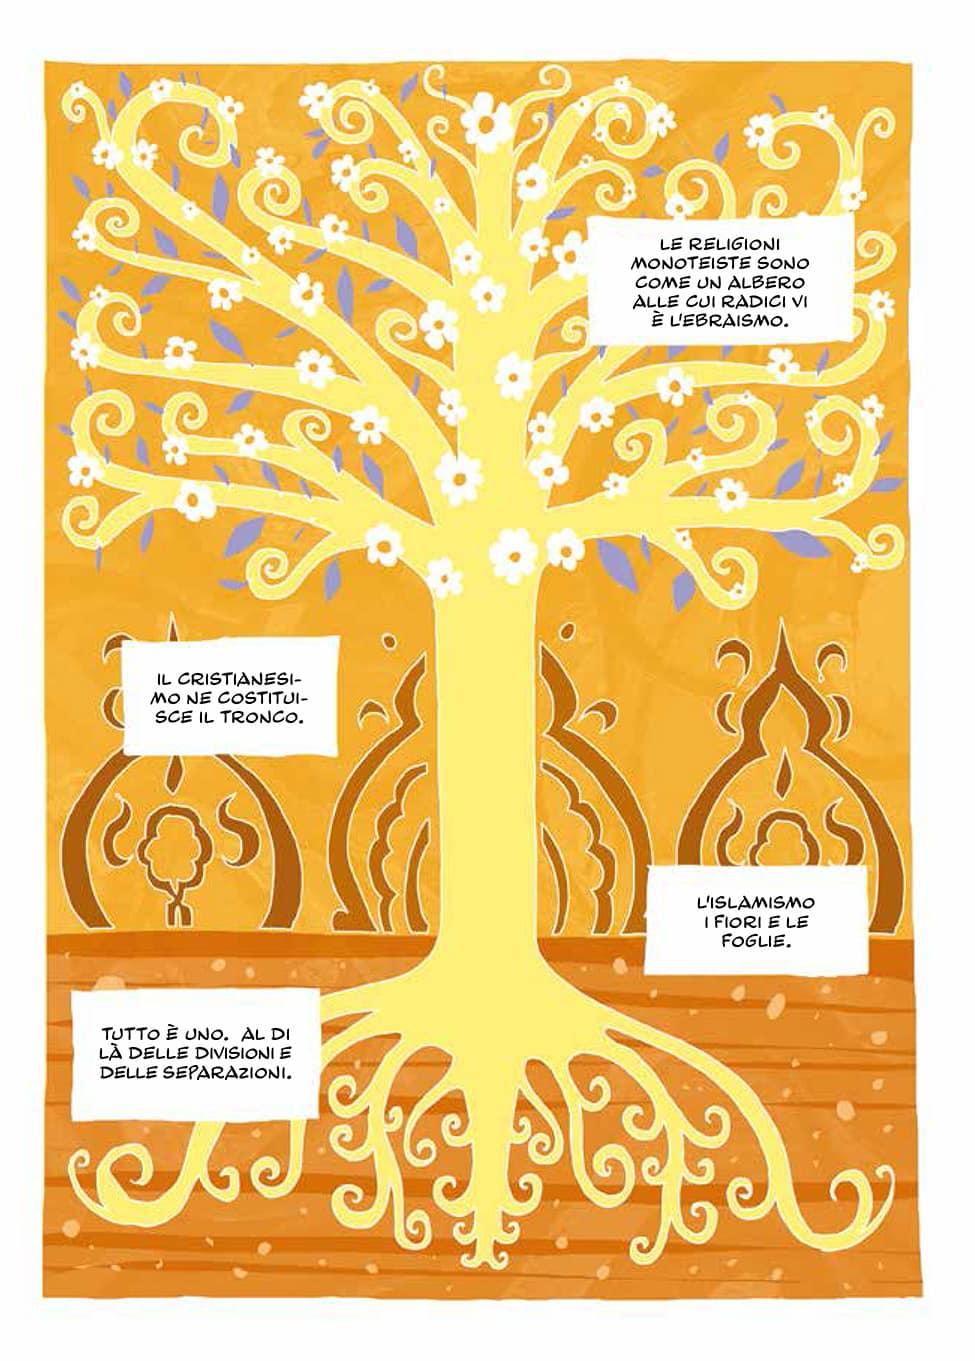 albero religioni SINAI